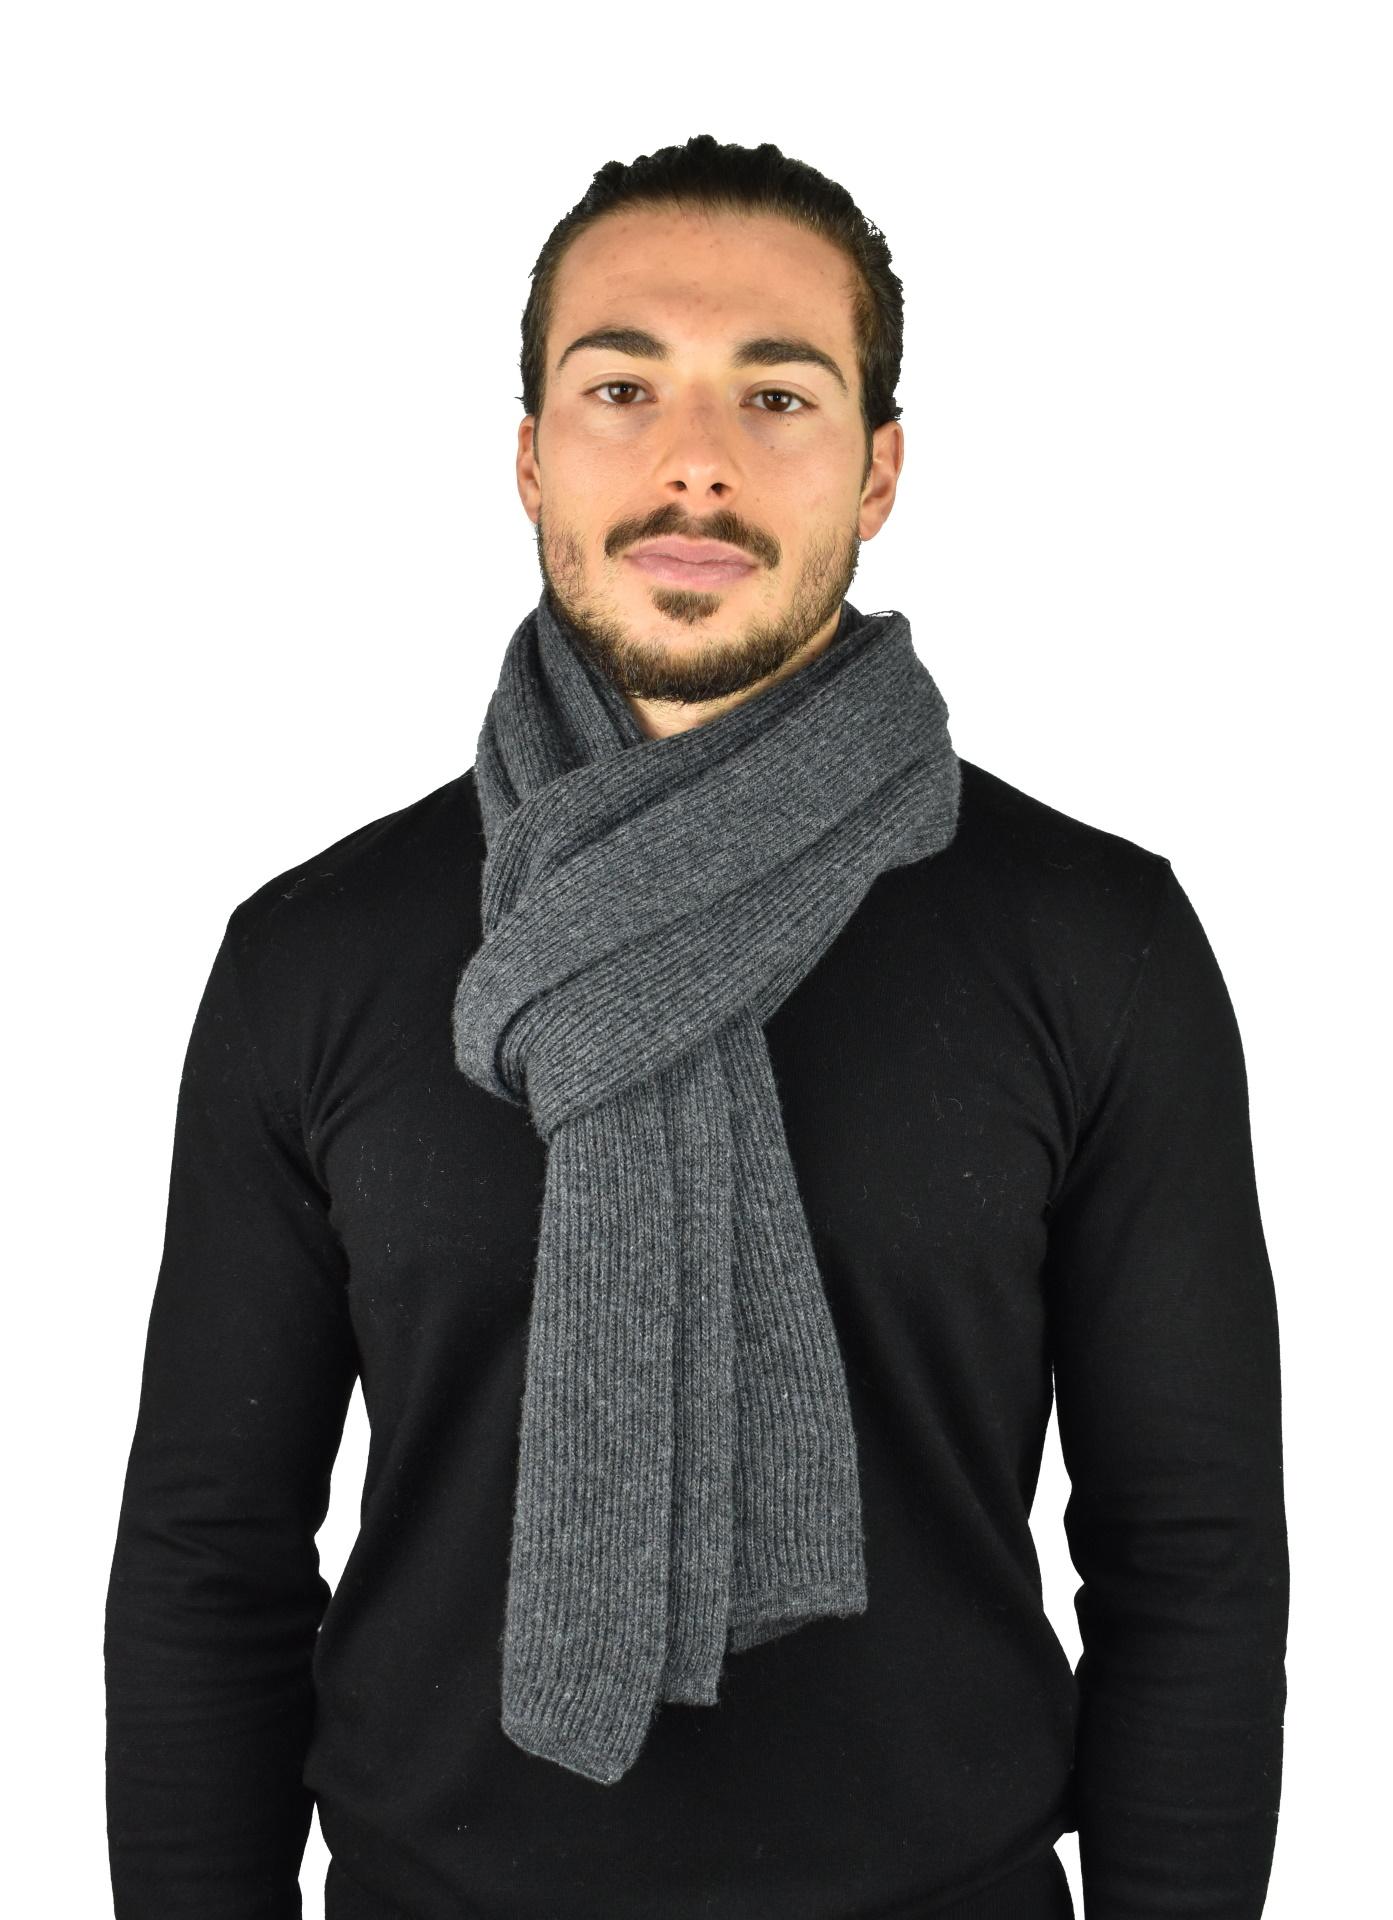 JURIDARIO GRIGIO SCIARPA UOMO 100 PURO CASHMERE COSTE LARGHE 1 1stAmerican sciarpa da uomo 100% puro cashmere Made in Italy a coste larghe - calda sciarpa invernale